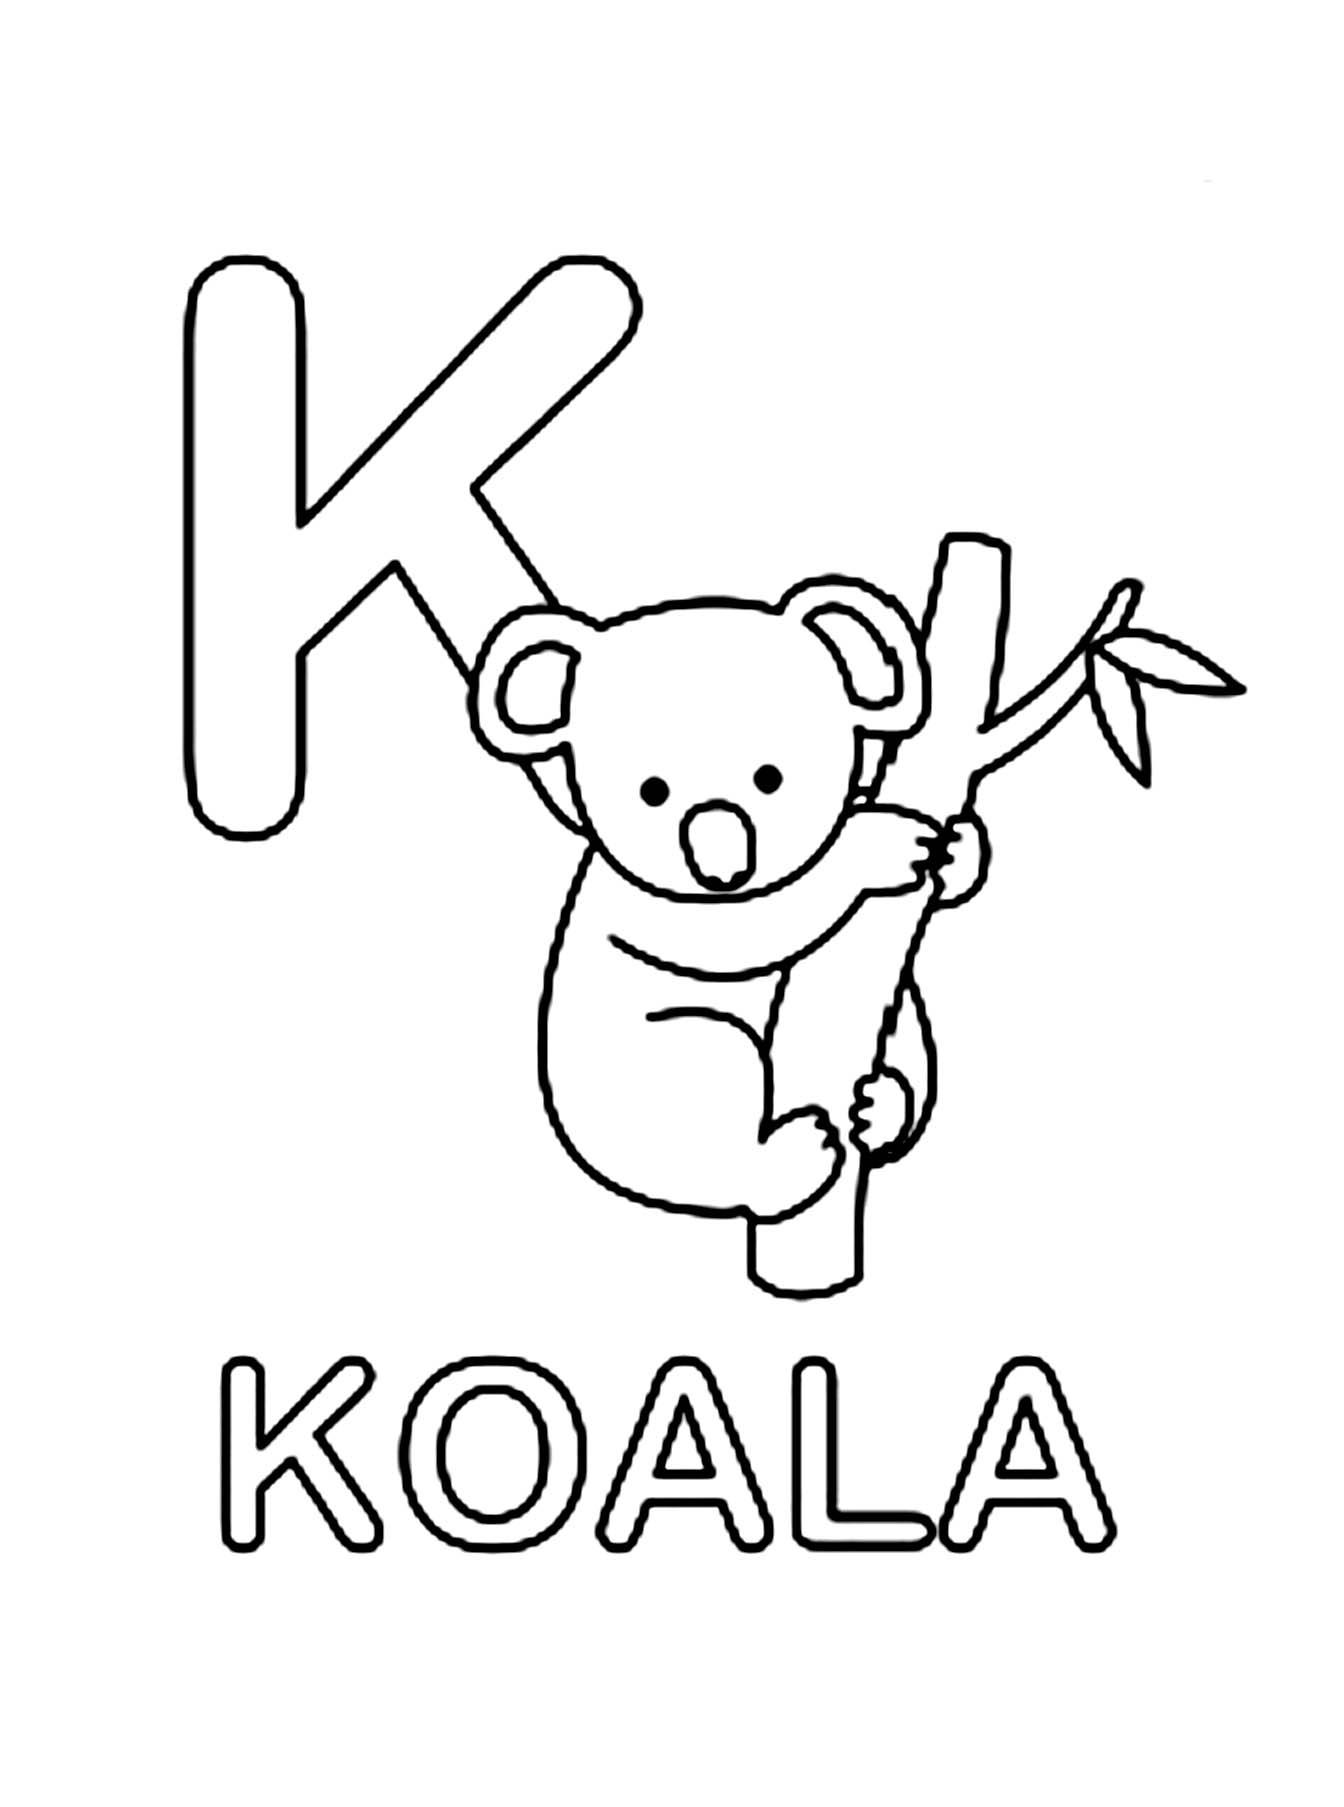 Coloriages à imprimer : Koala, numéro : 39137287